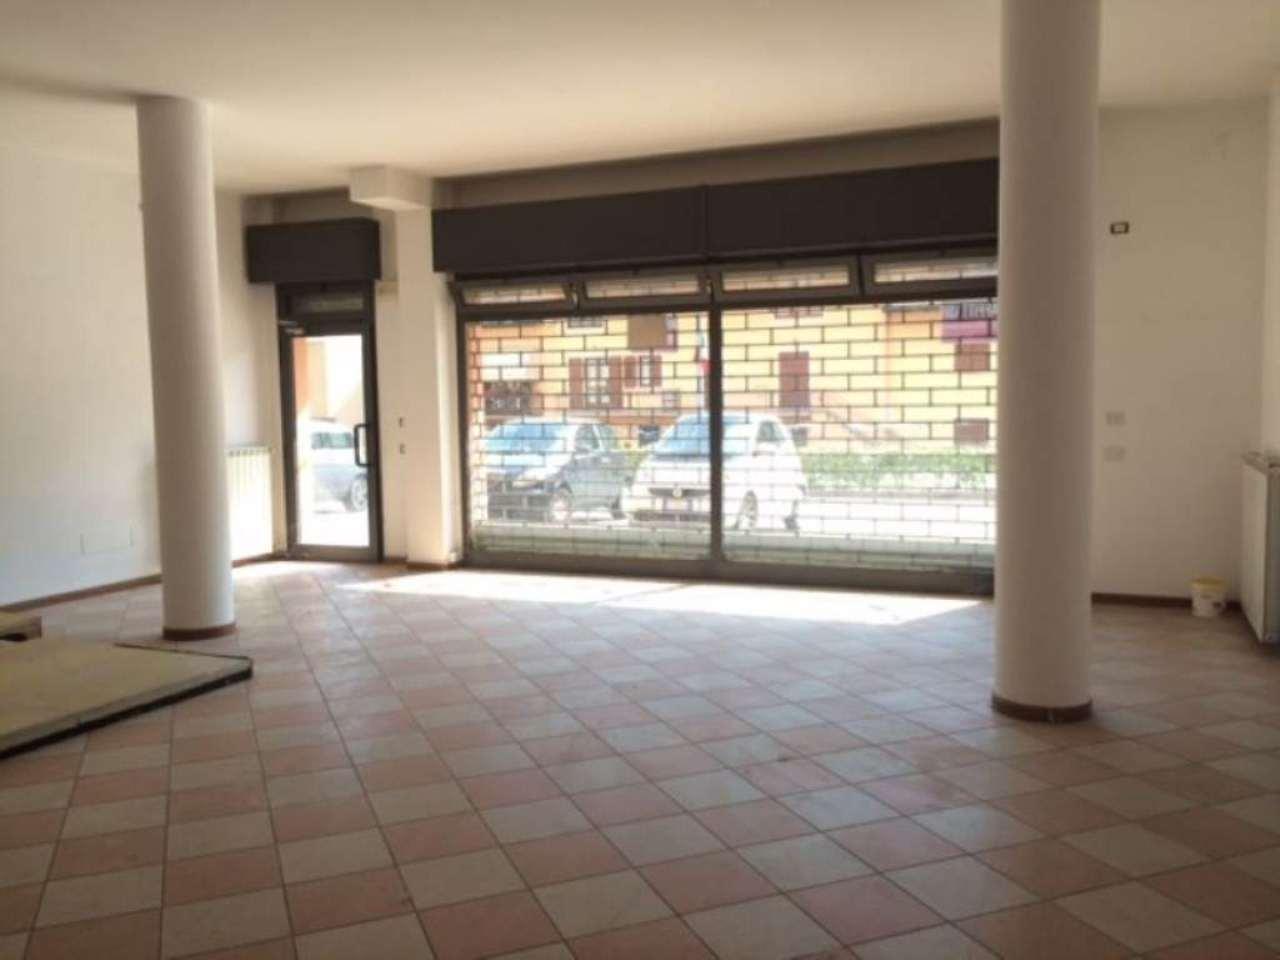 Negozio / Locale in affitto a Sarezzo, 1 locali, Trattative riservate | Cambio Casa.it